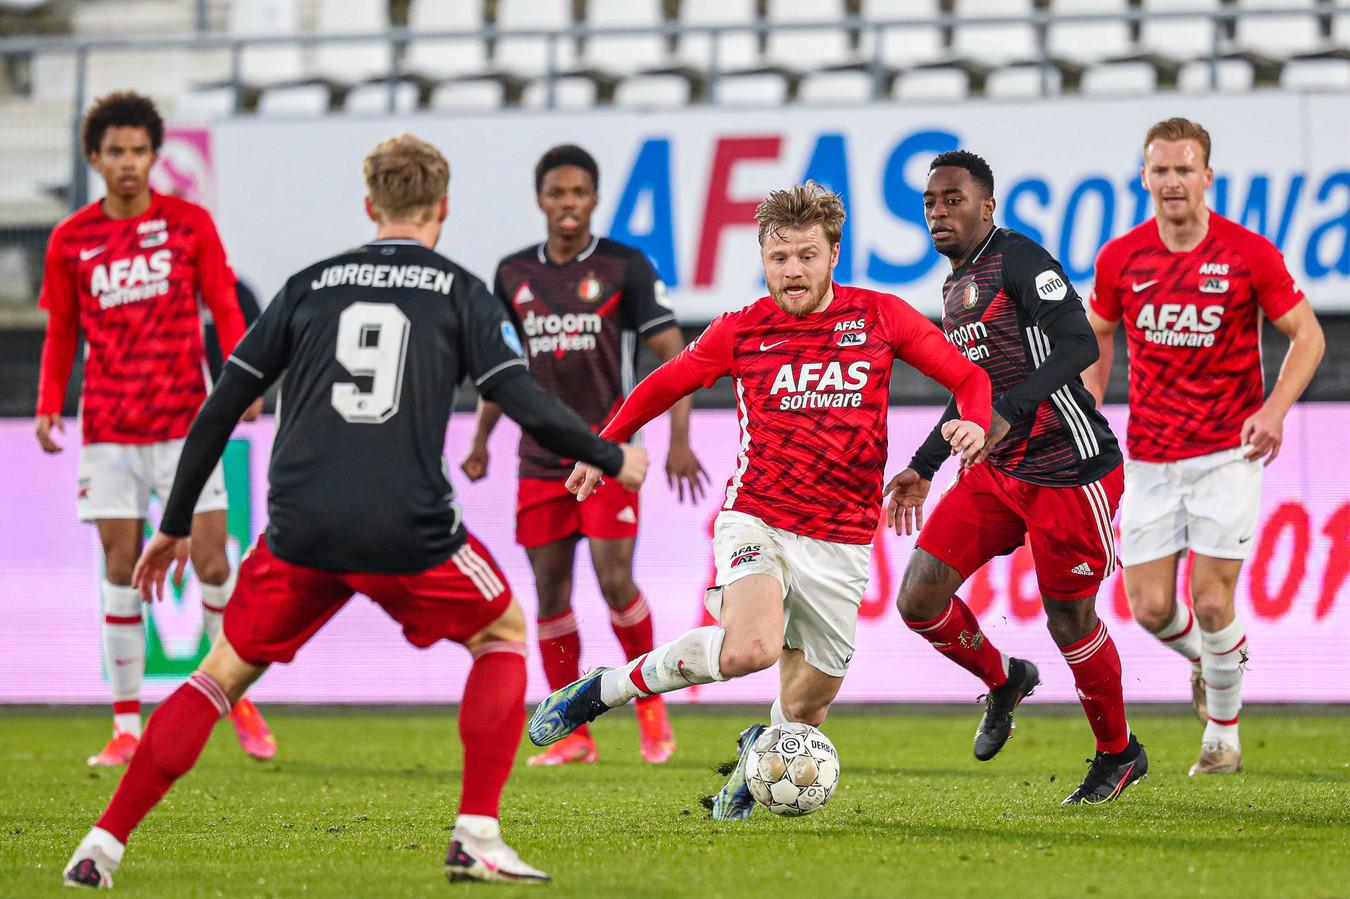 Fredrik Midtsjø afgelopen zondag in actie bij de 4-2 zege op Feyenoord.